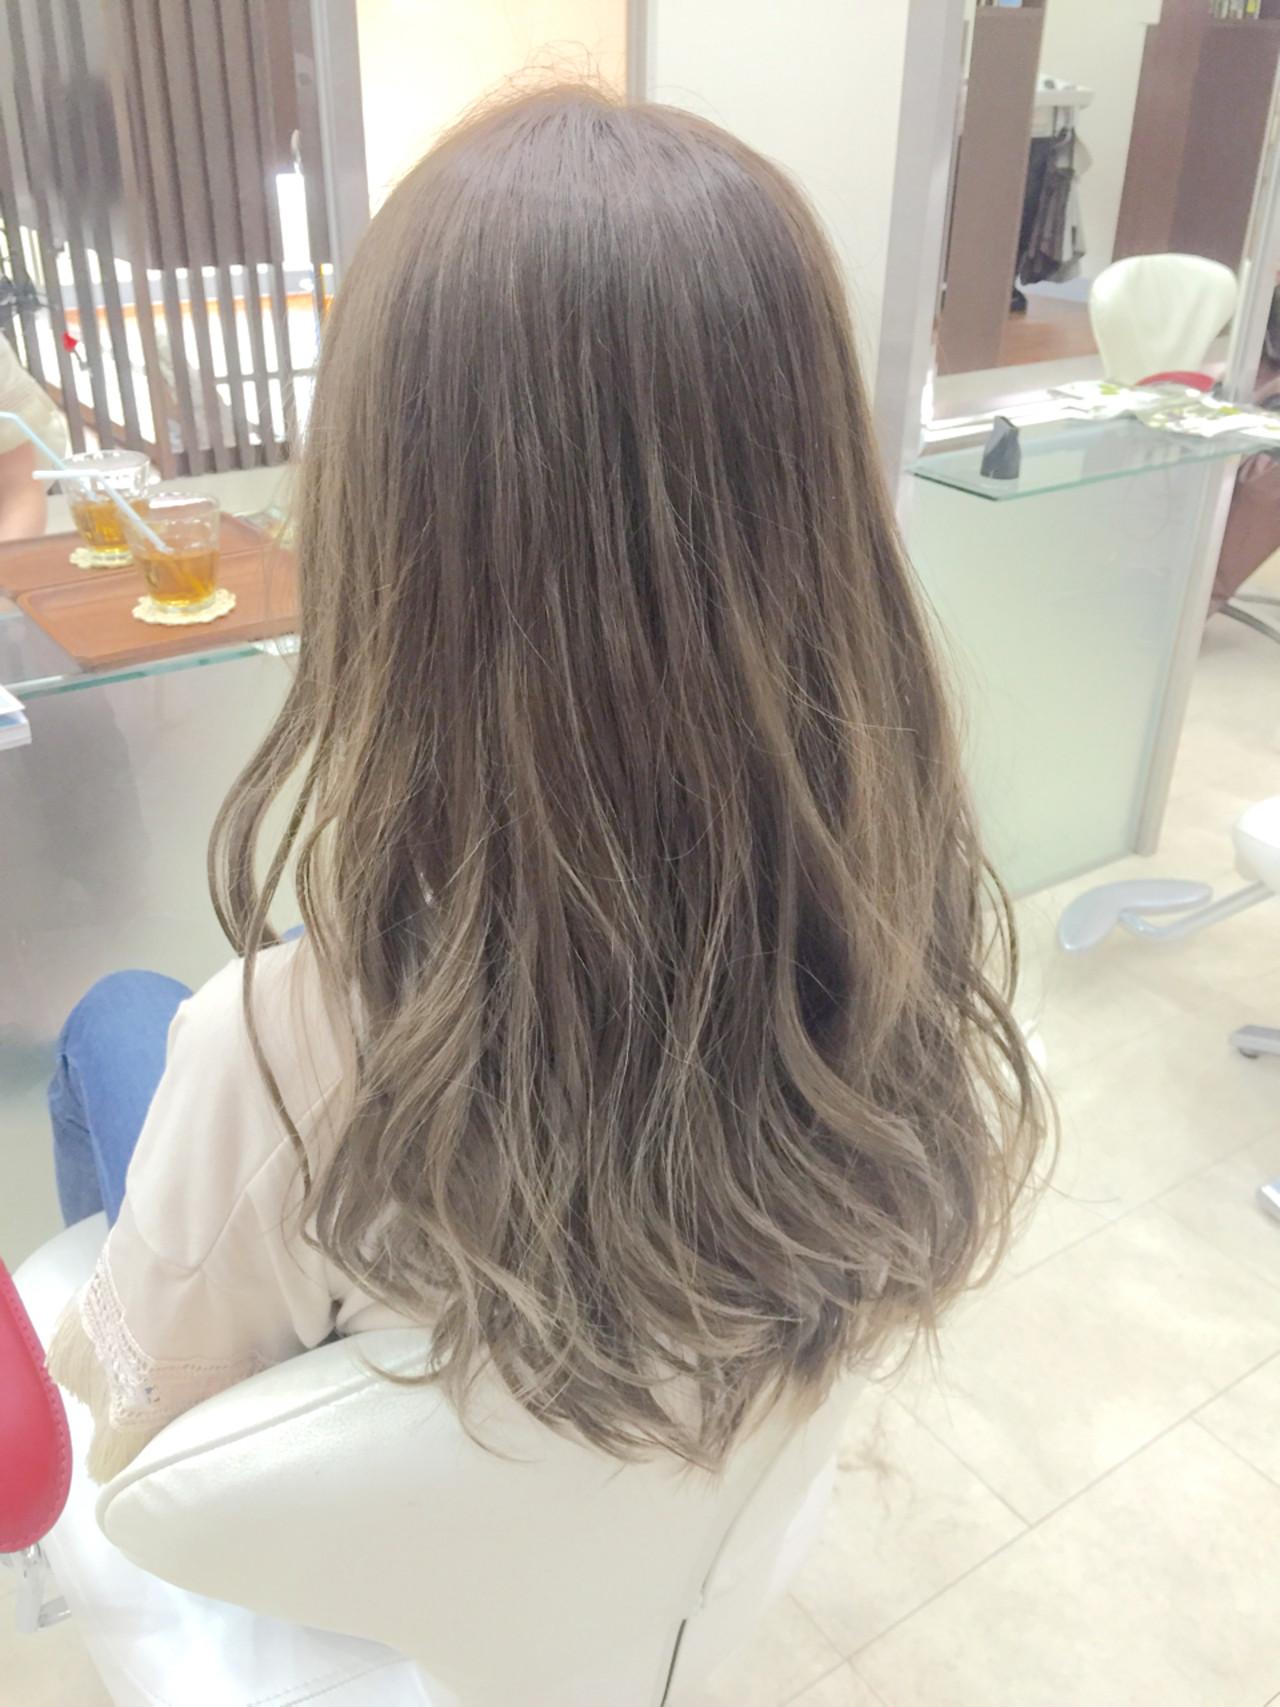 アッシュ 渋谷系 ナチュラル ロング ヘアスタイルや髪型の写真・画像